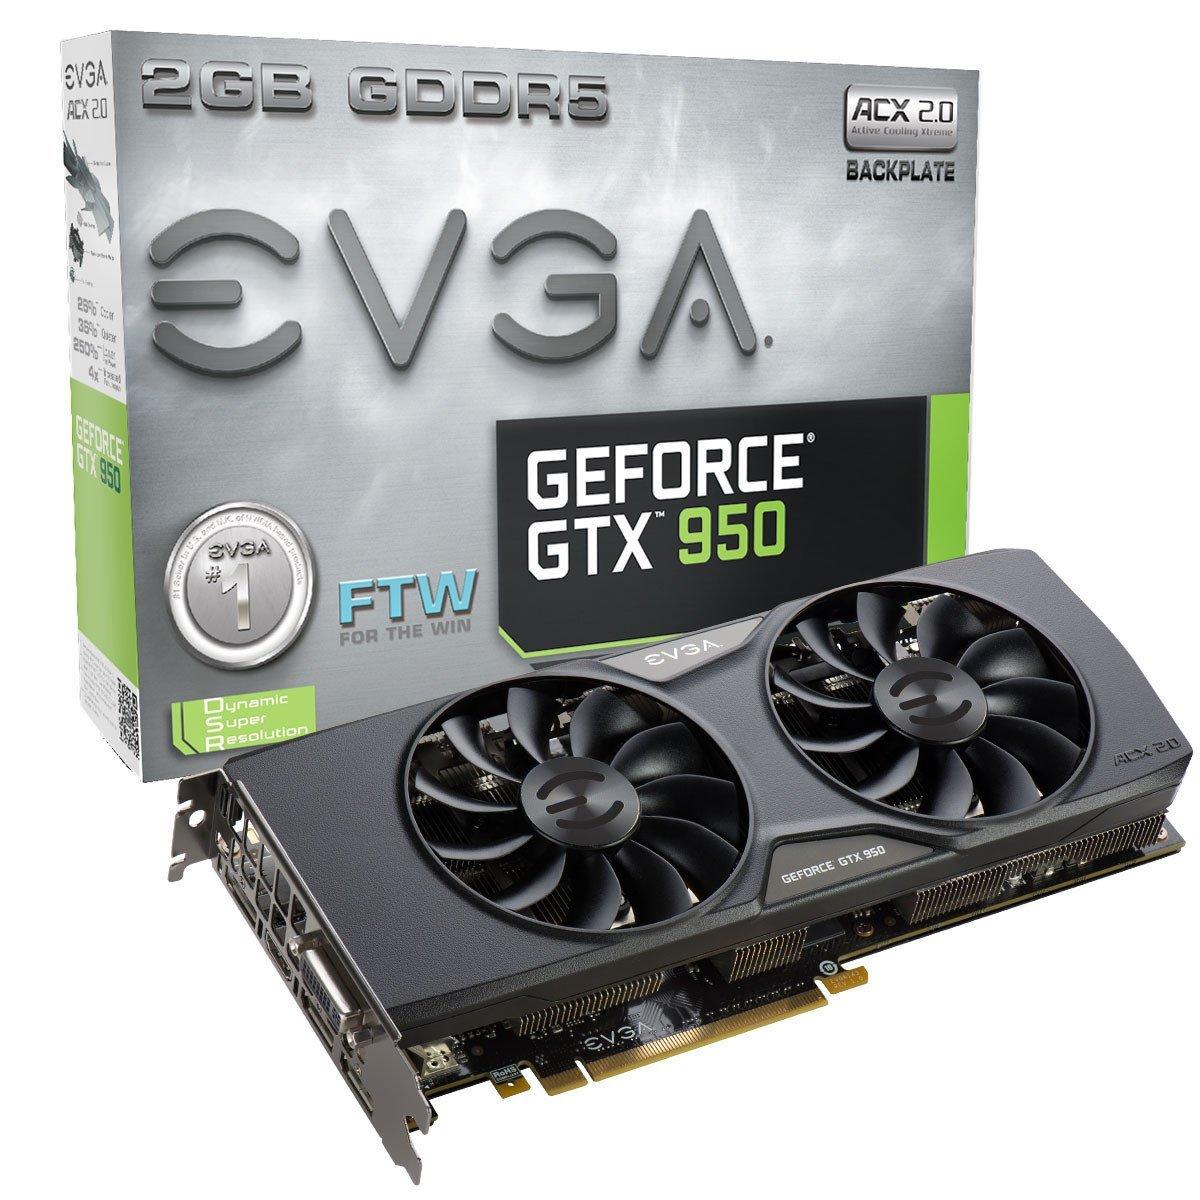 EVGA GTX 950 FTW